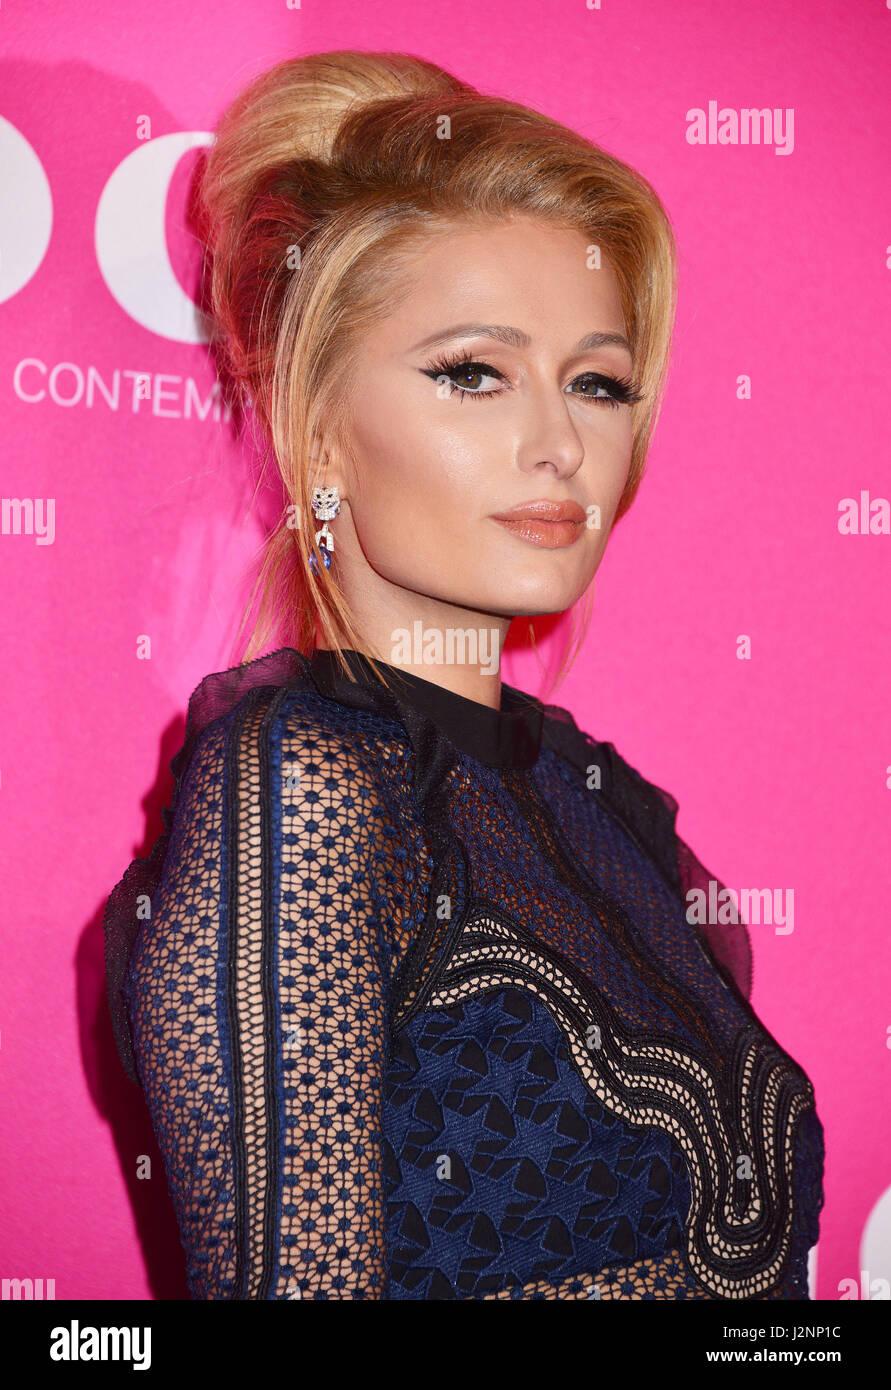 Los Angeles, Californie, USA. Apr 29, 2017. Paris Hilton 67 arrivant à la MOCA 2017 Gala à ll'Geffen Photo Stock